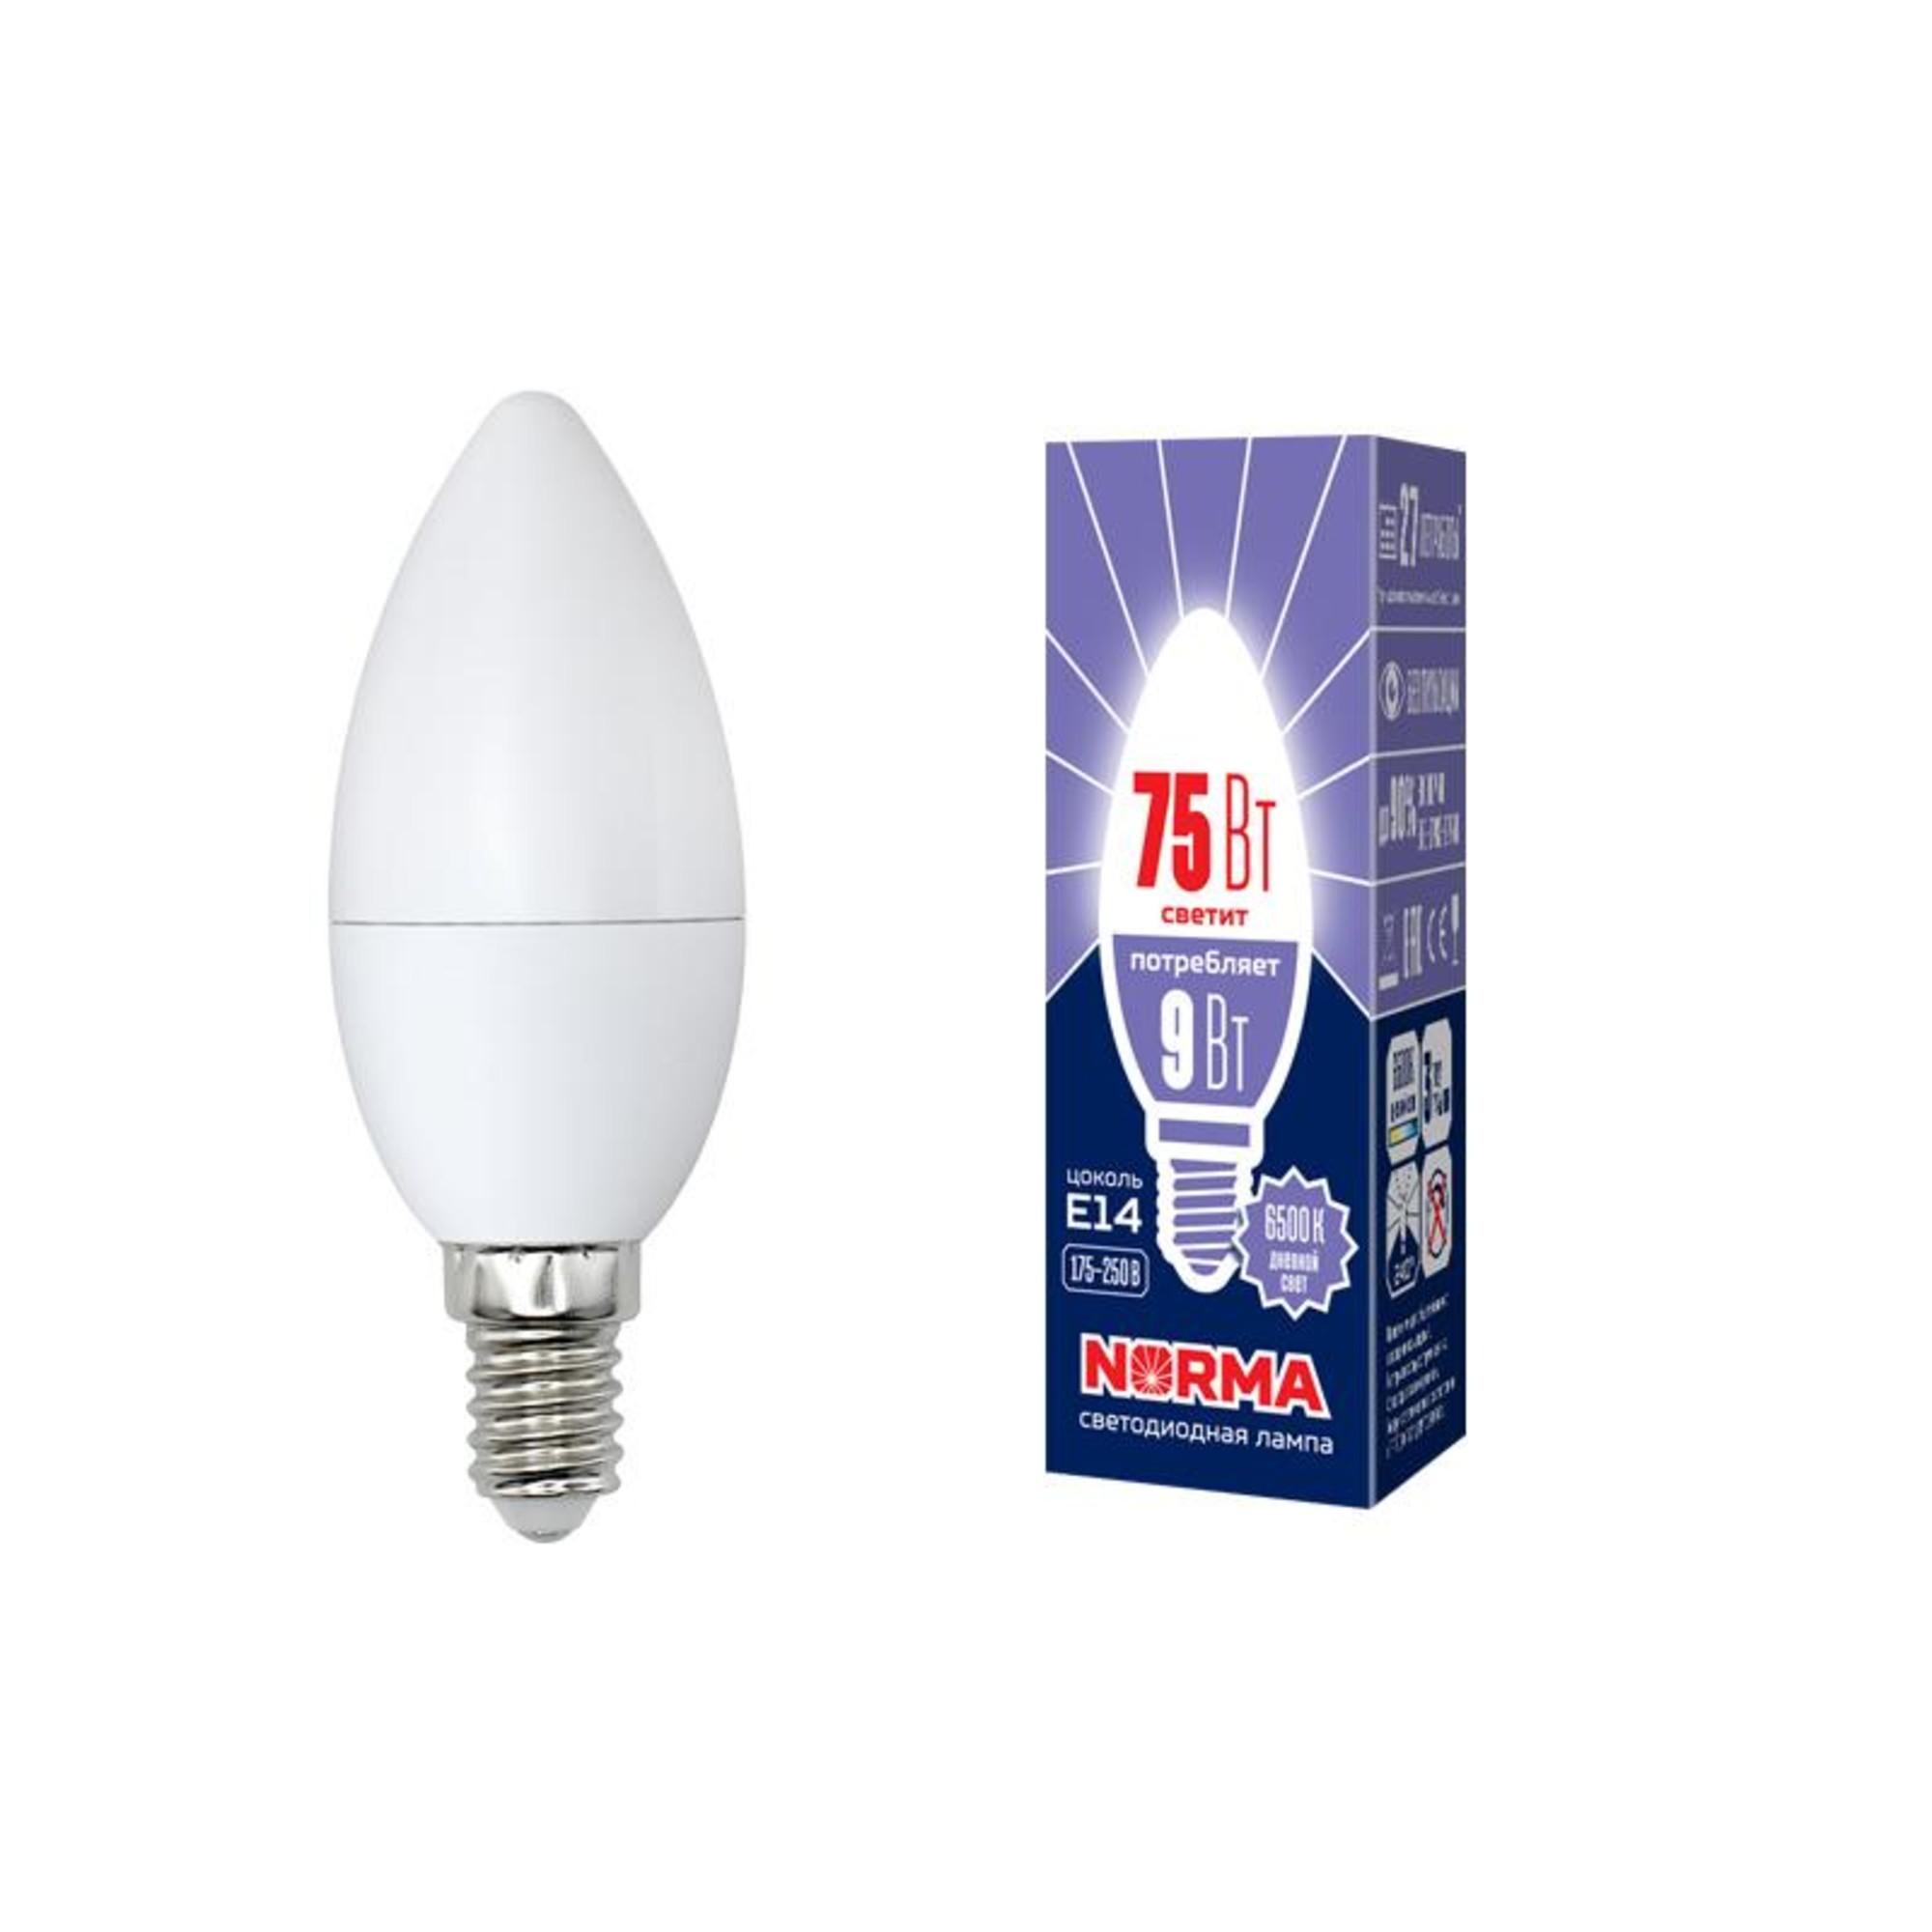 Лампа Volpe светодиодная E14 9 Вт нейтральный свет